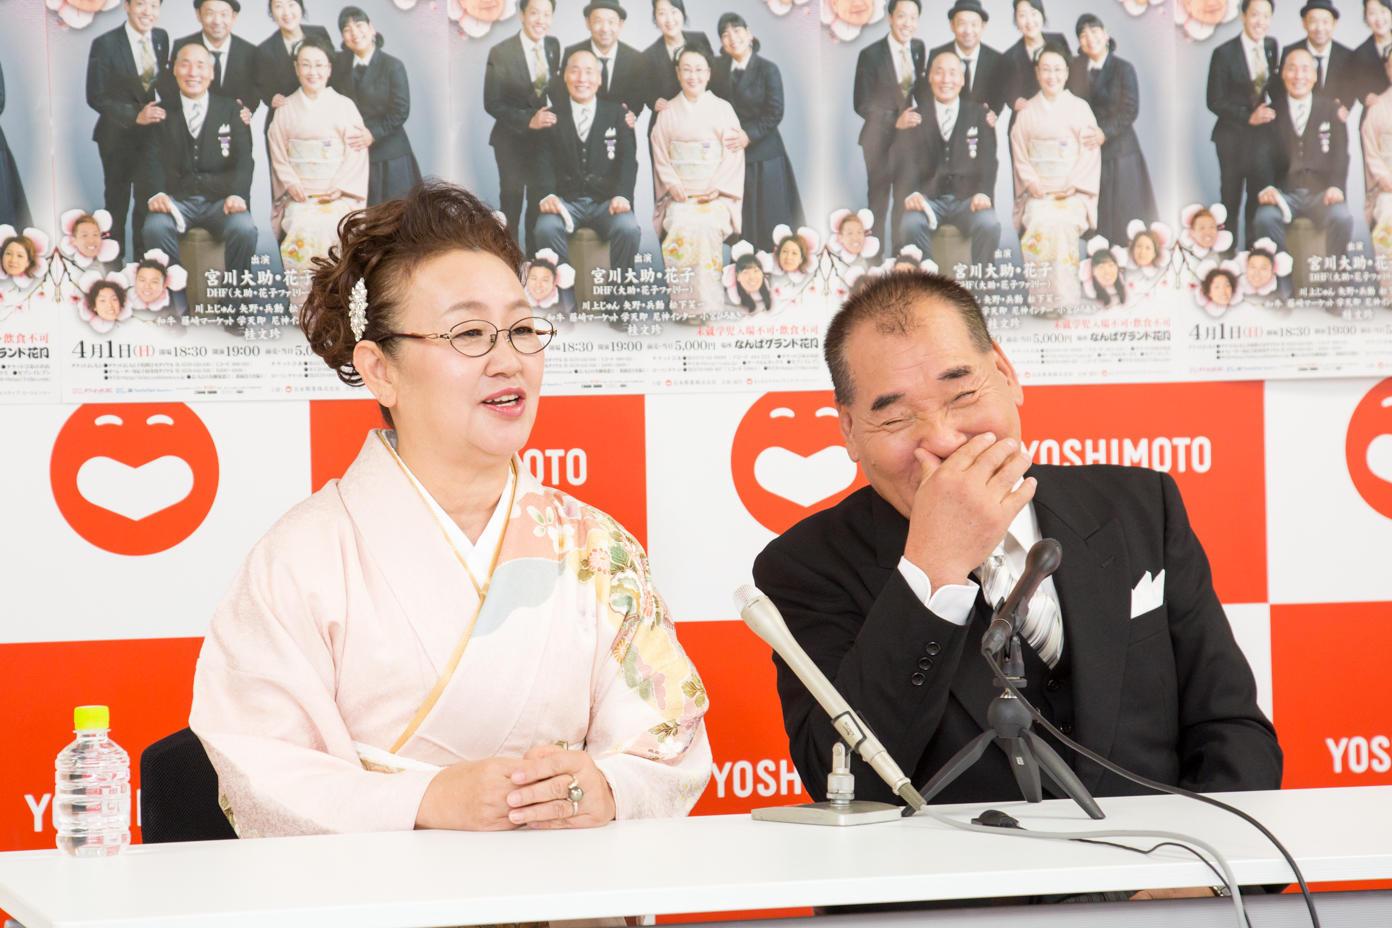 http://news.yoshimoto.co.jp/20180116115258-5ae9162c1b1ee7f0f70f8c5602f80cb17207d3e9.jpg